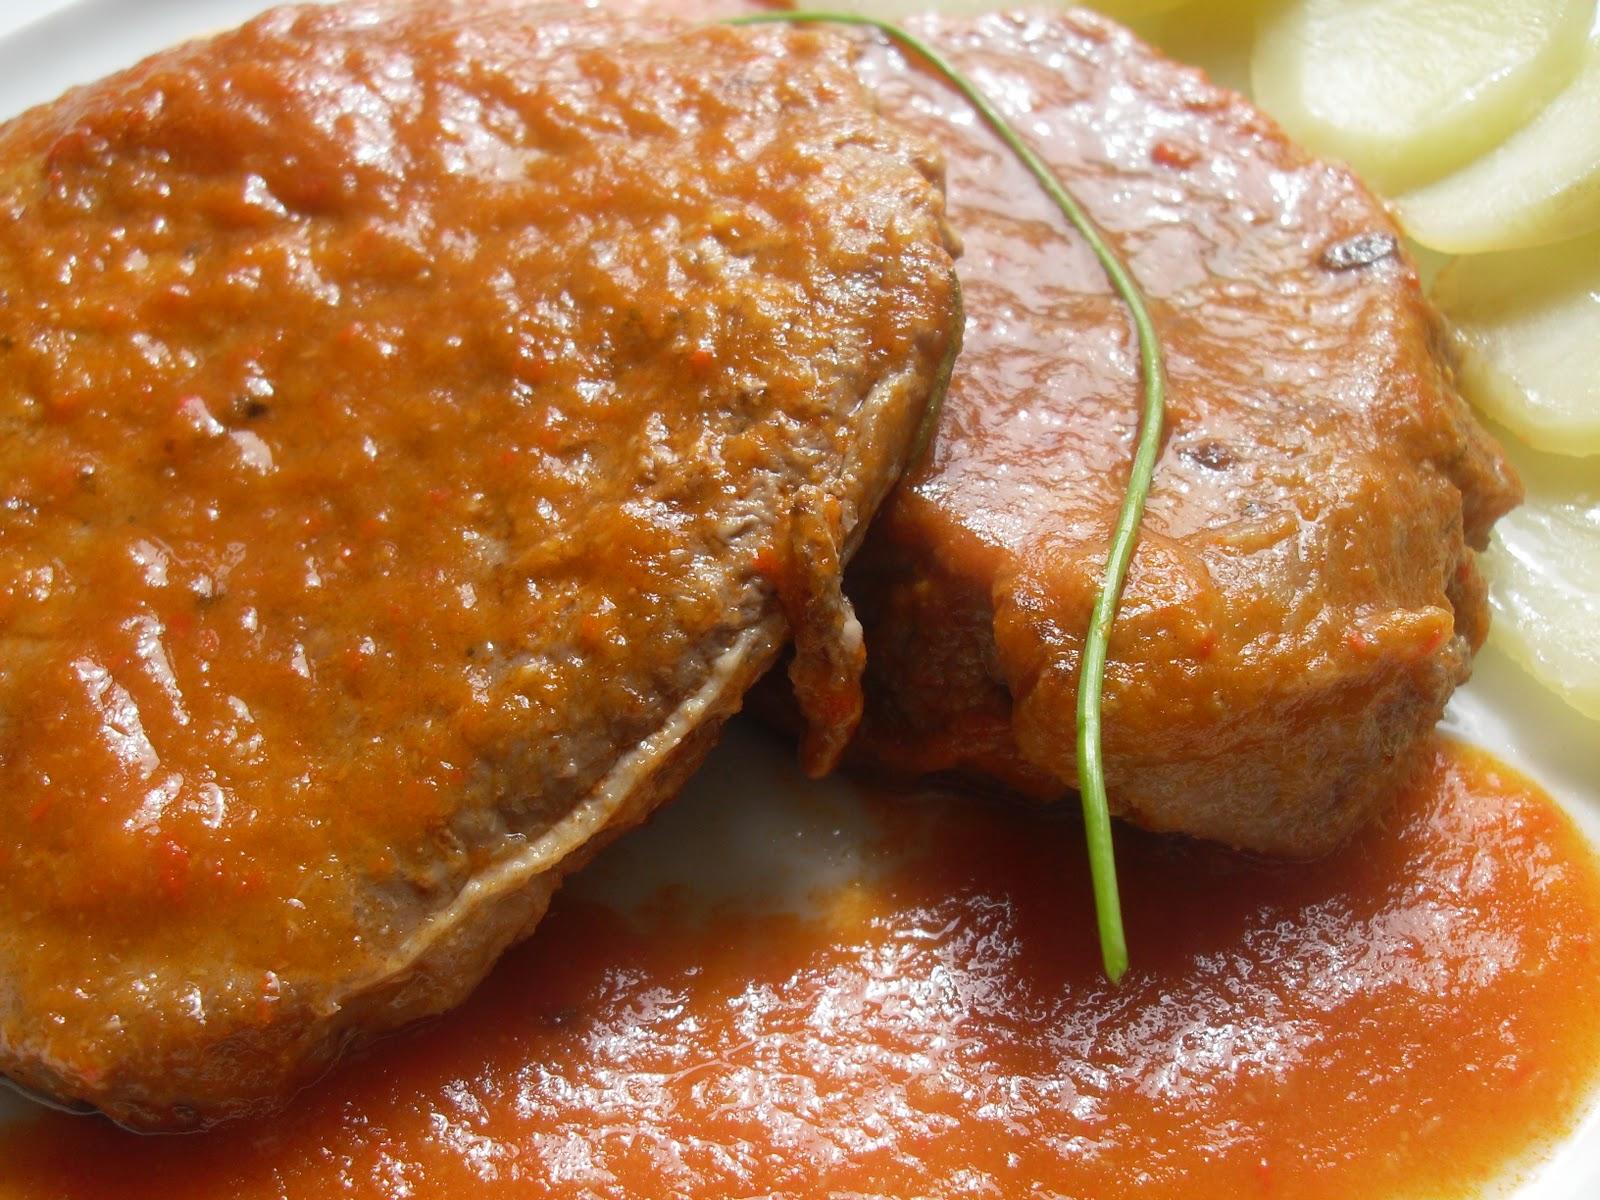 Filetes de ternera en salsa thermomix - Filetes de carne en salsa ...